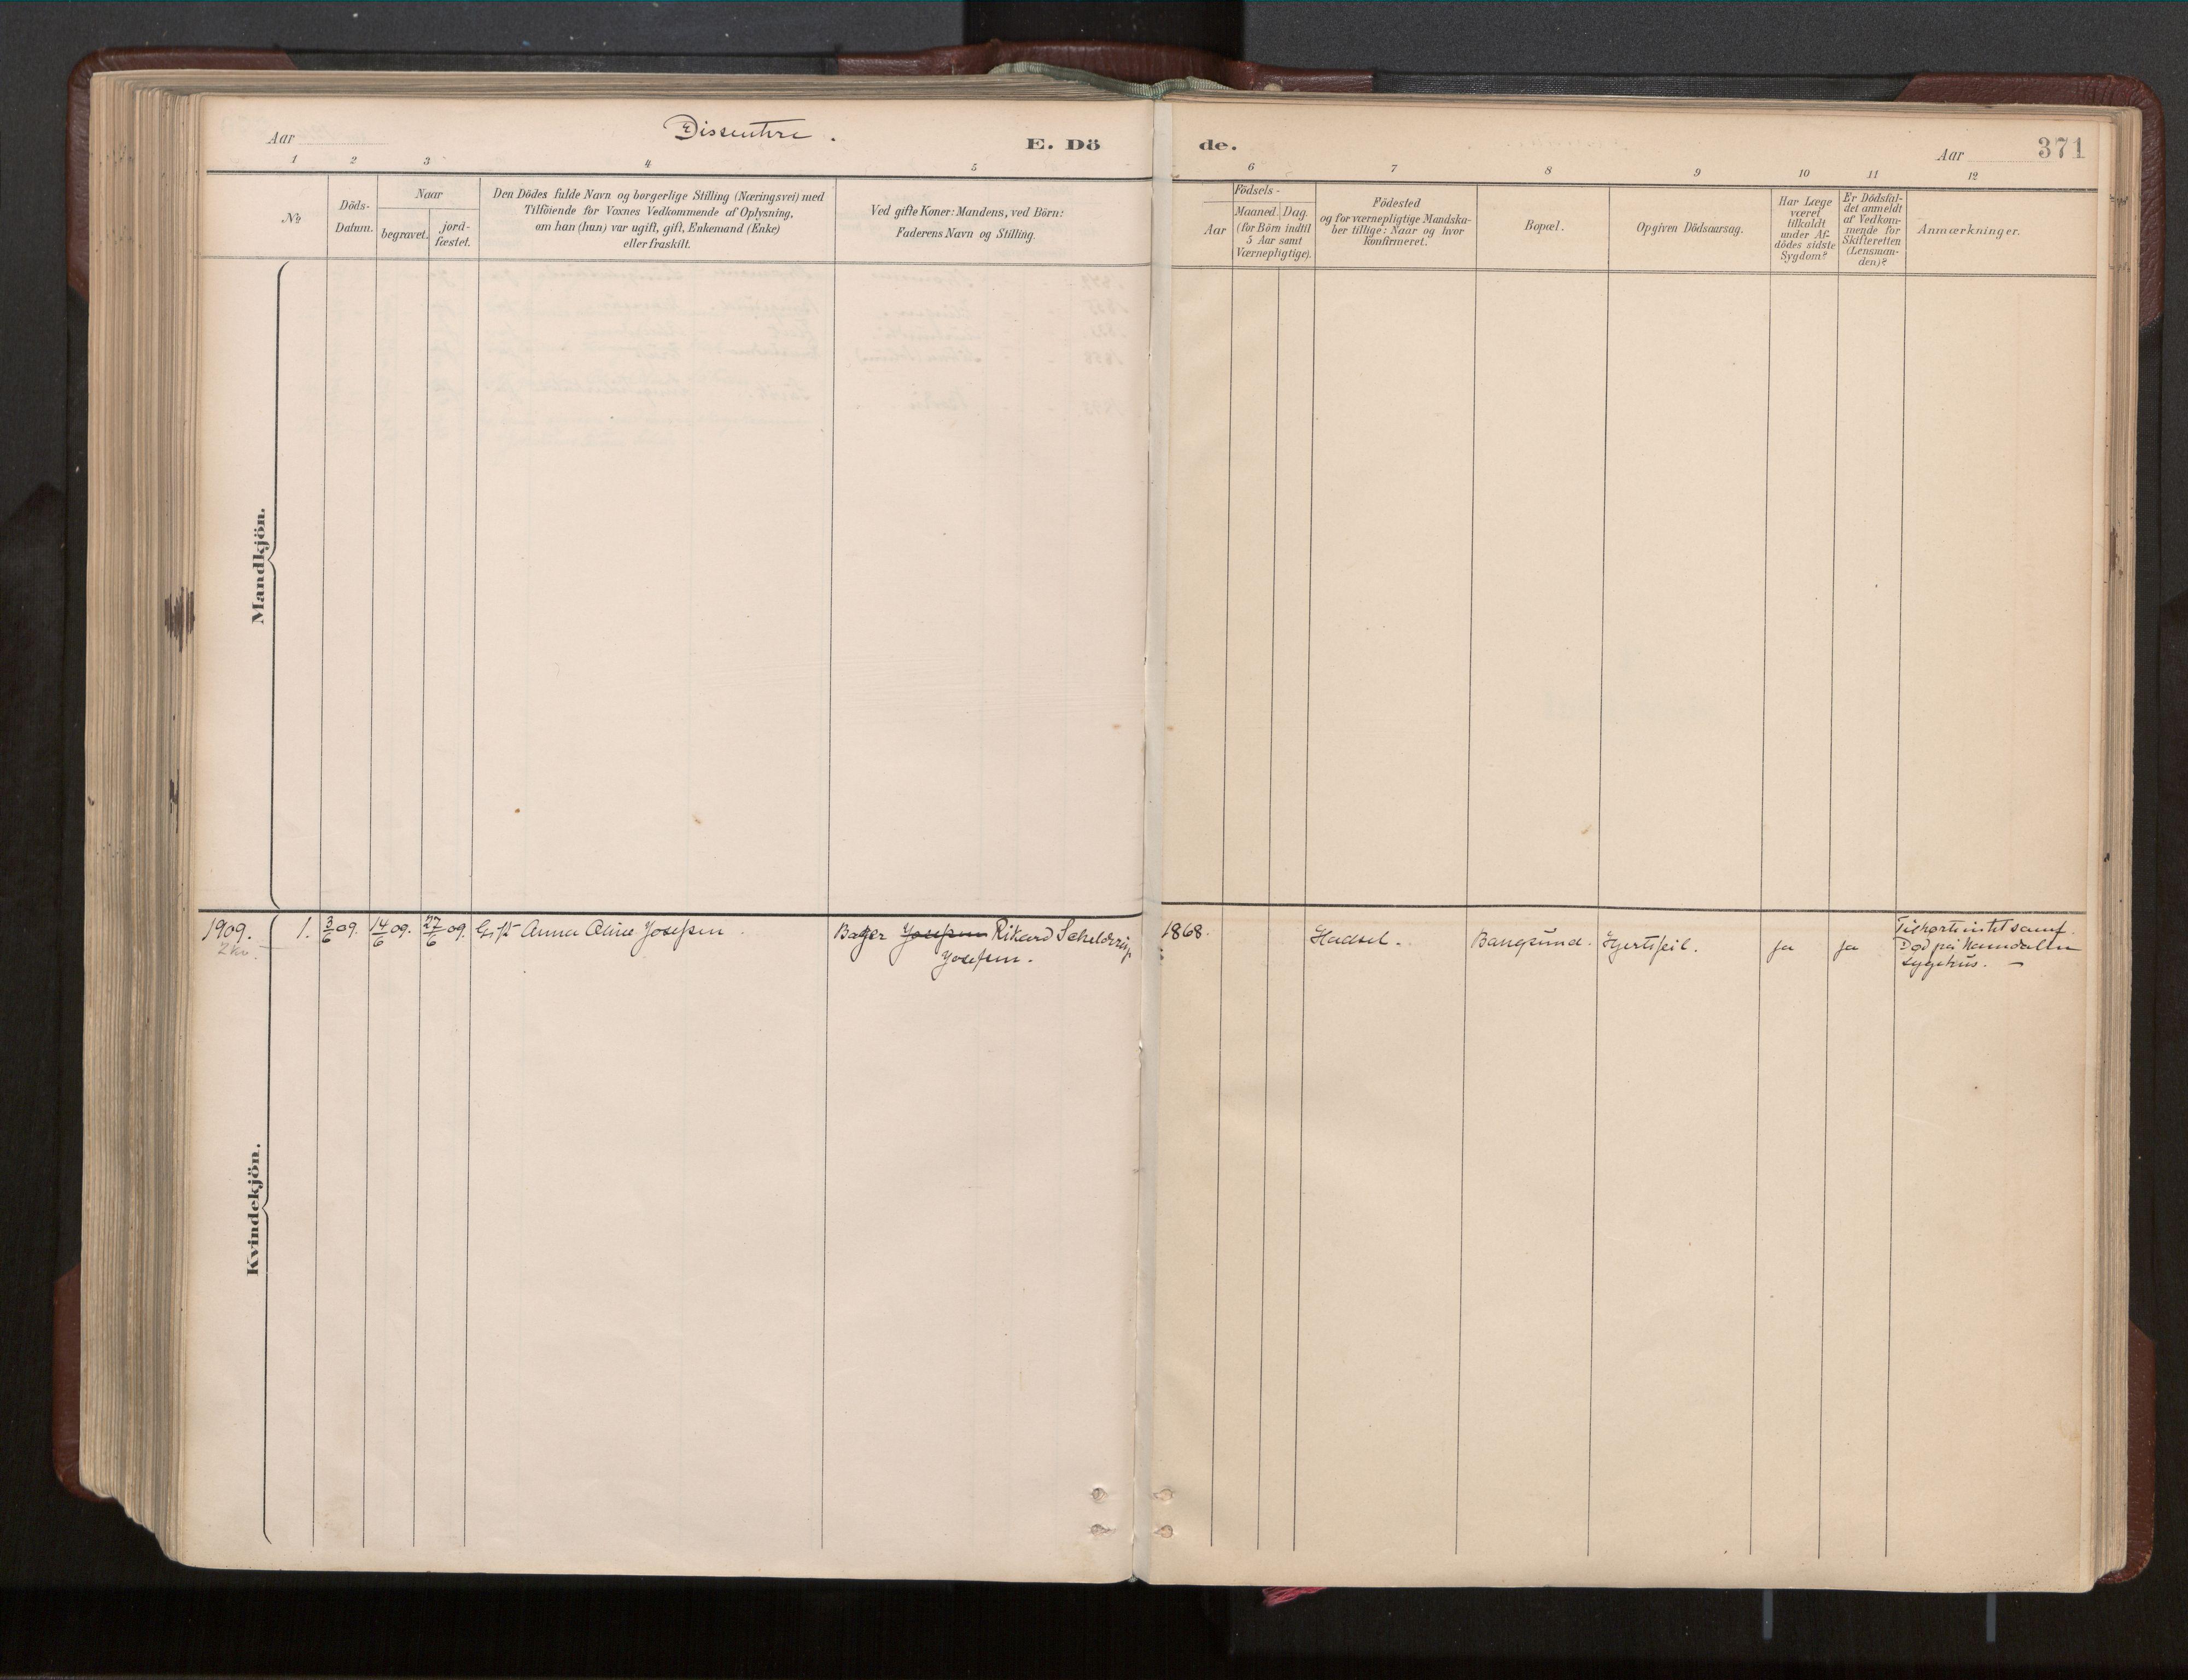 SAT, Ministerialprotokoller, klokkerbøker og fødselsregistre - Nord-Trøndelag, 770/L0589: Ministerialbok nr. 770A03, 1887-1929, s. 371